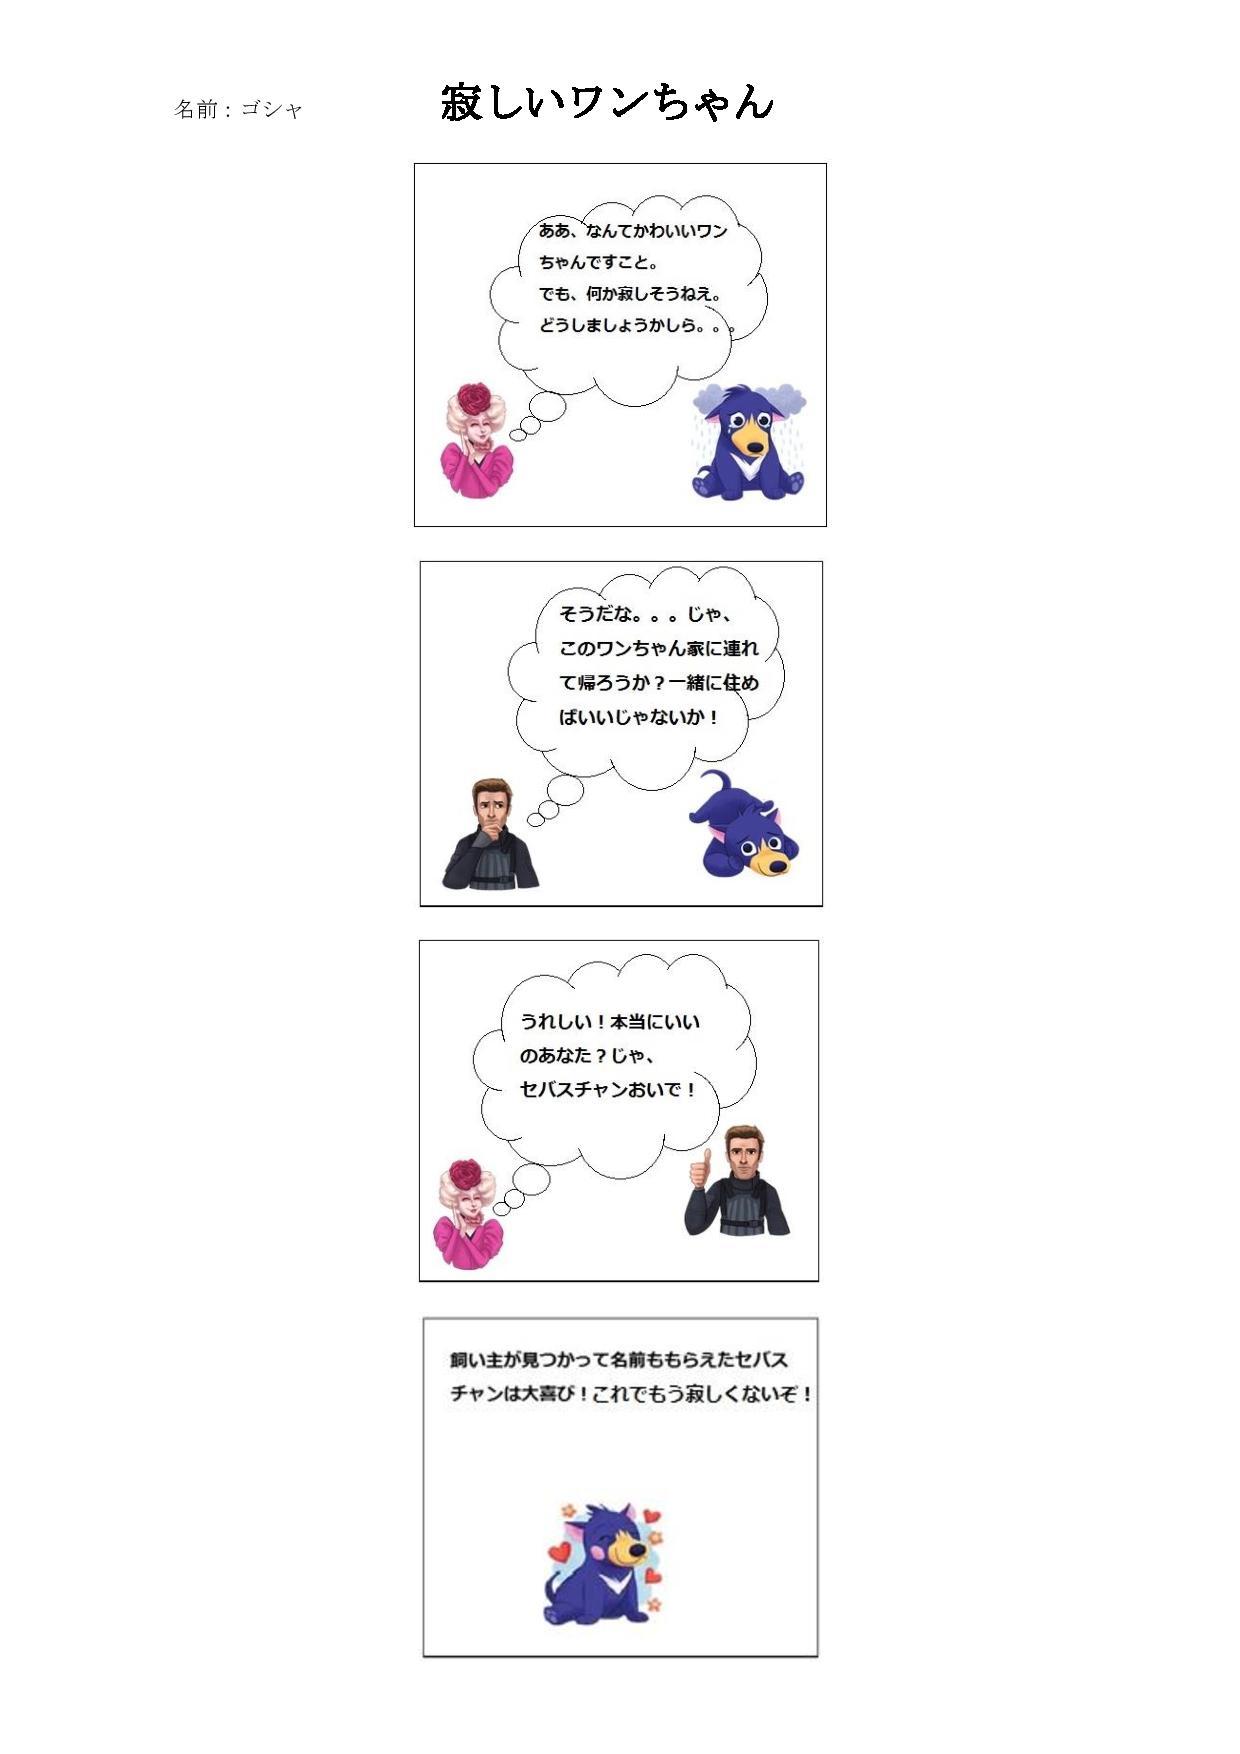 4コマ漫画-yonkoma-manga-page-001